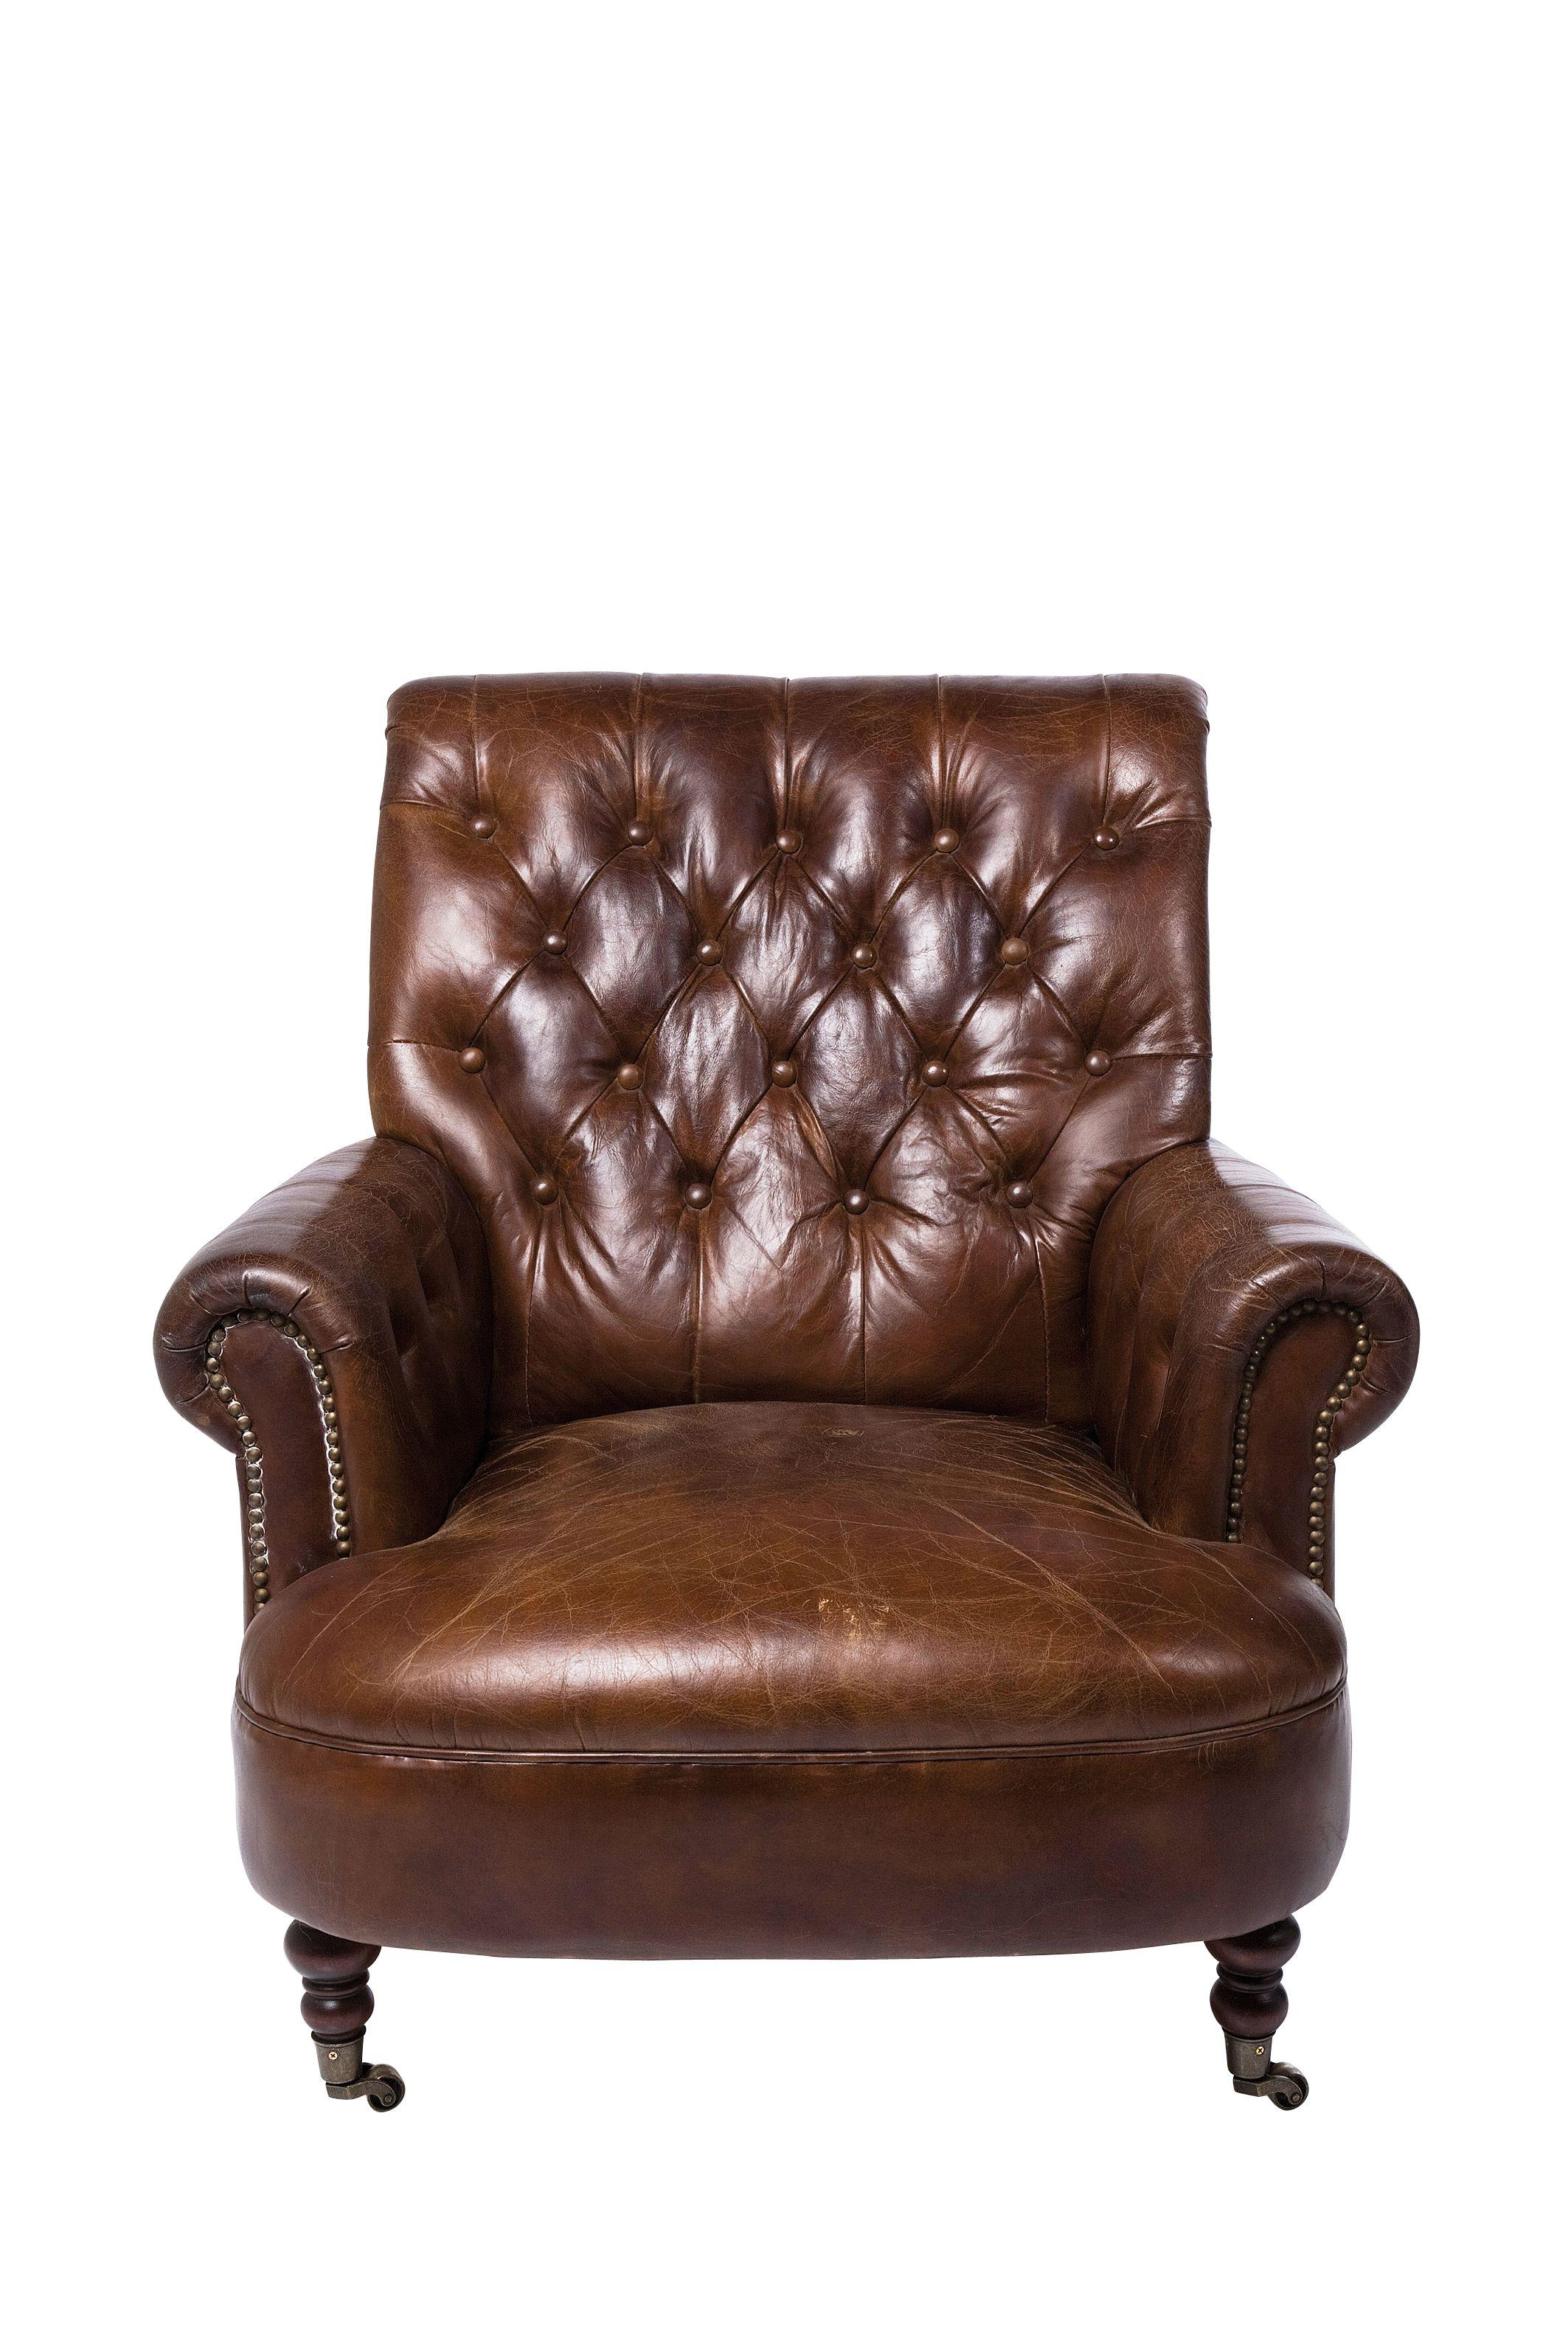 Imposanter uriger Sessel zum Relaxen Bezug aus feinstem